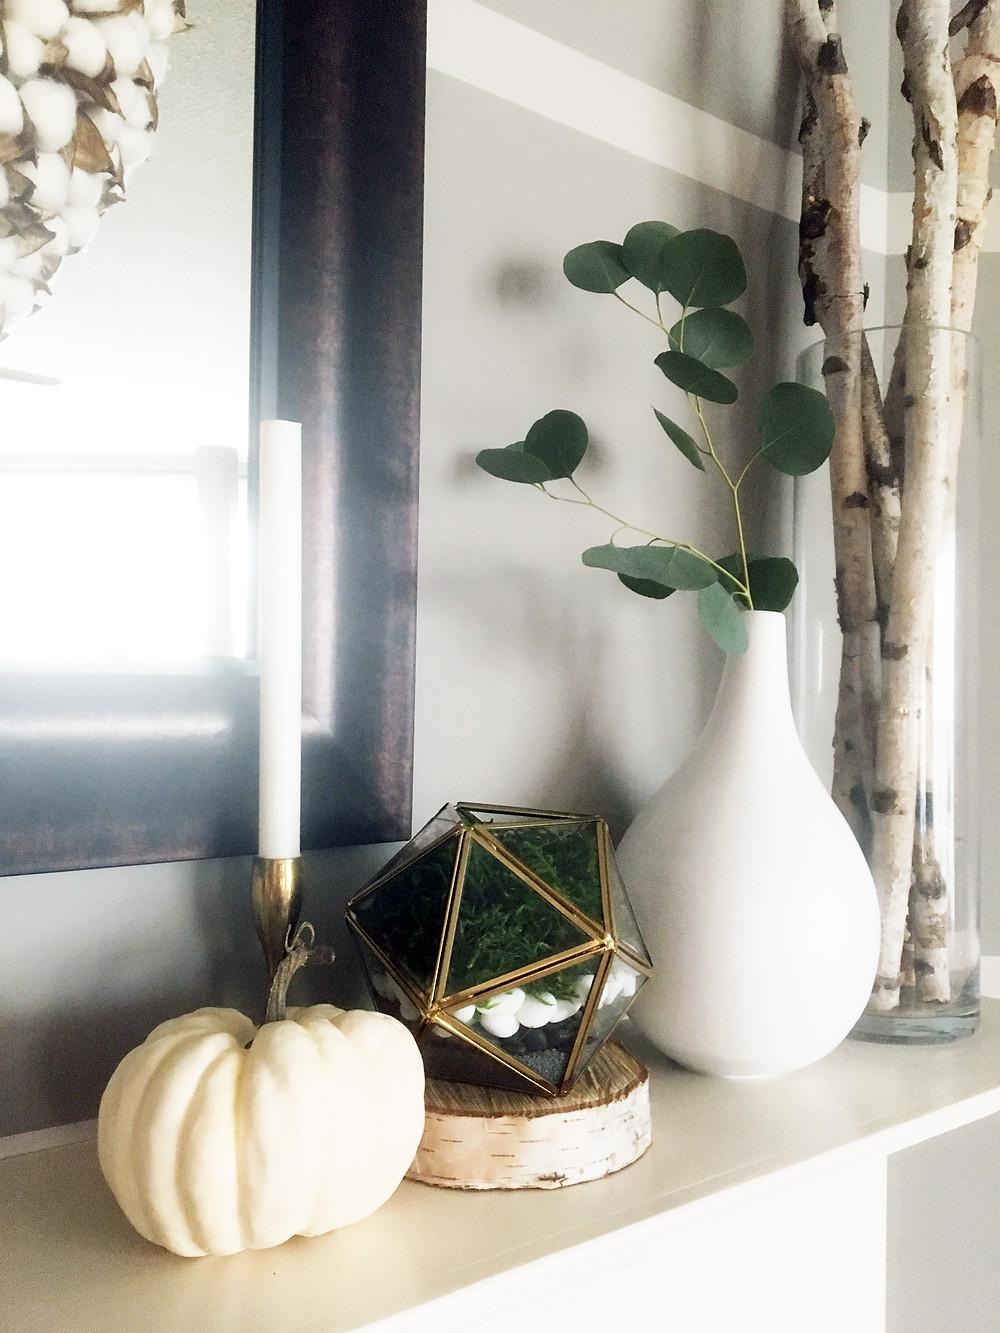 Fall Decor - EH Design Blog - Family Room - Mantel - Close Up Birch